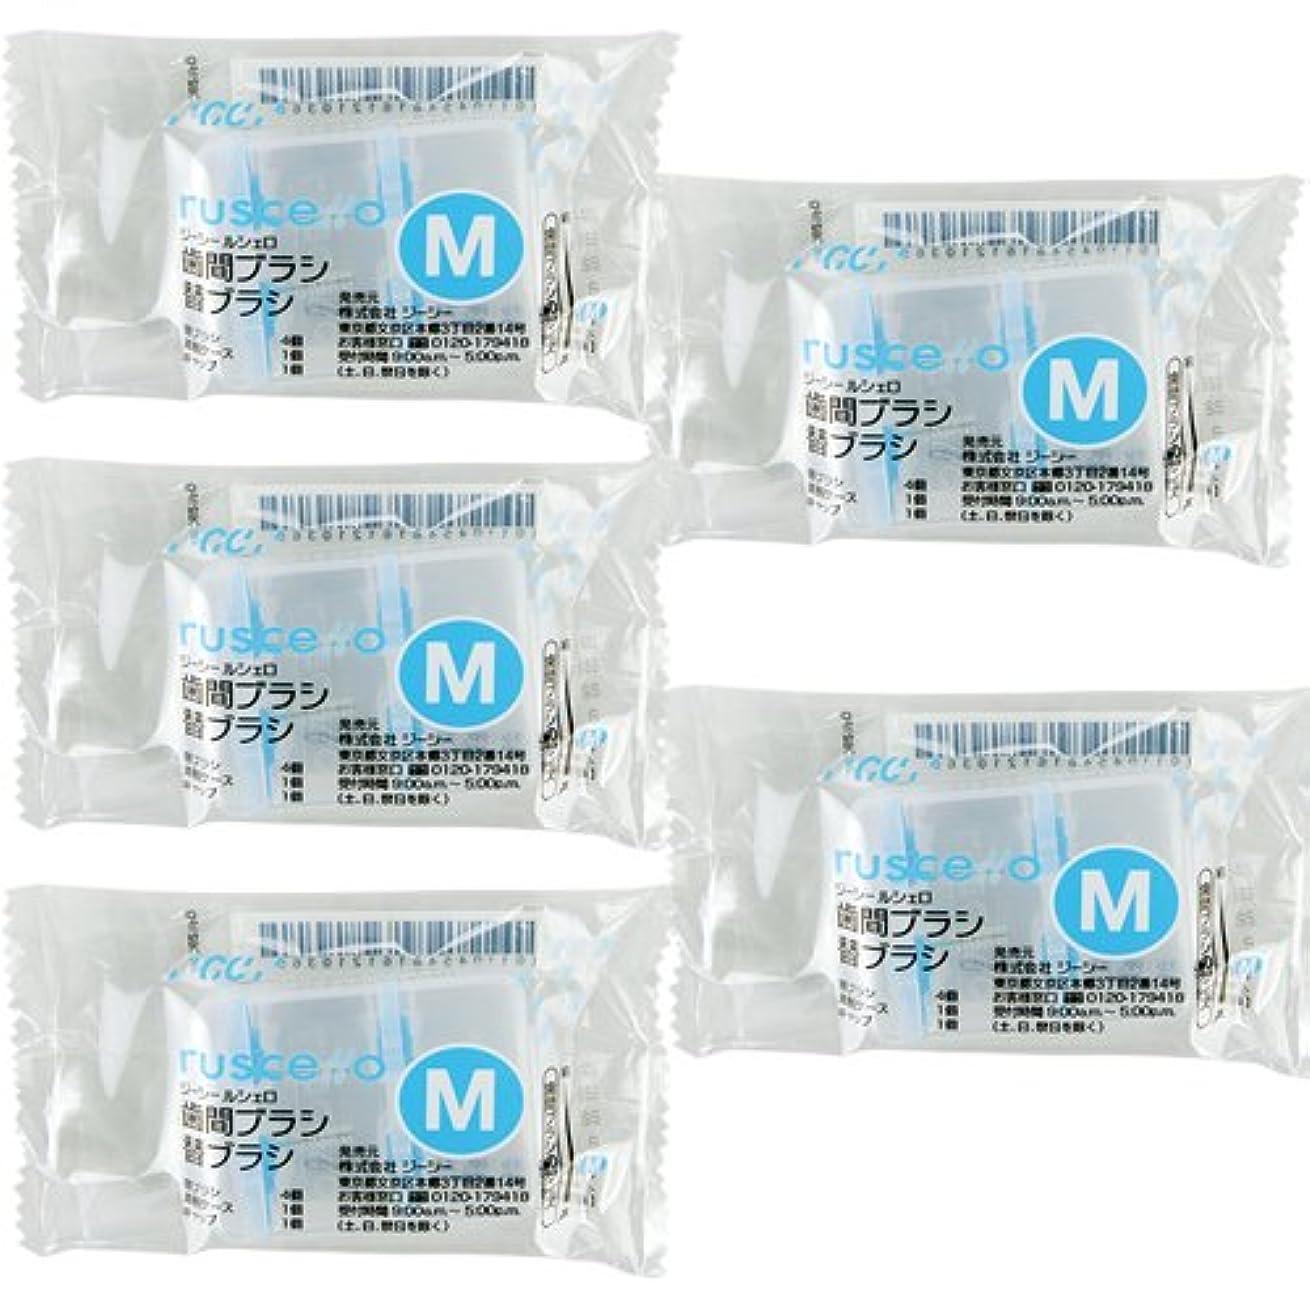 医療過誤競争パンGC ジーシー ルシェロ歯間ブラシ 替えブラシ(4個入) × 5個セット M